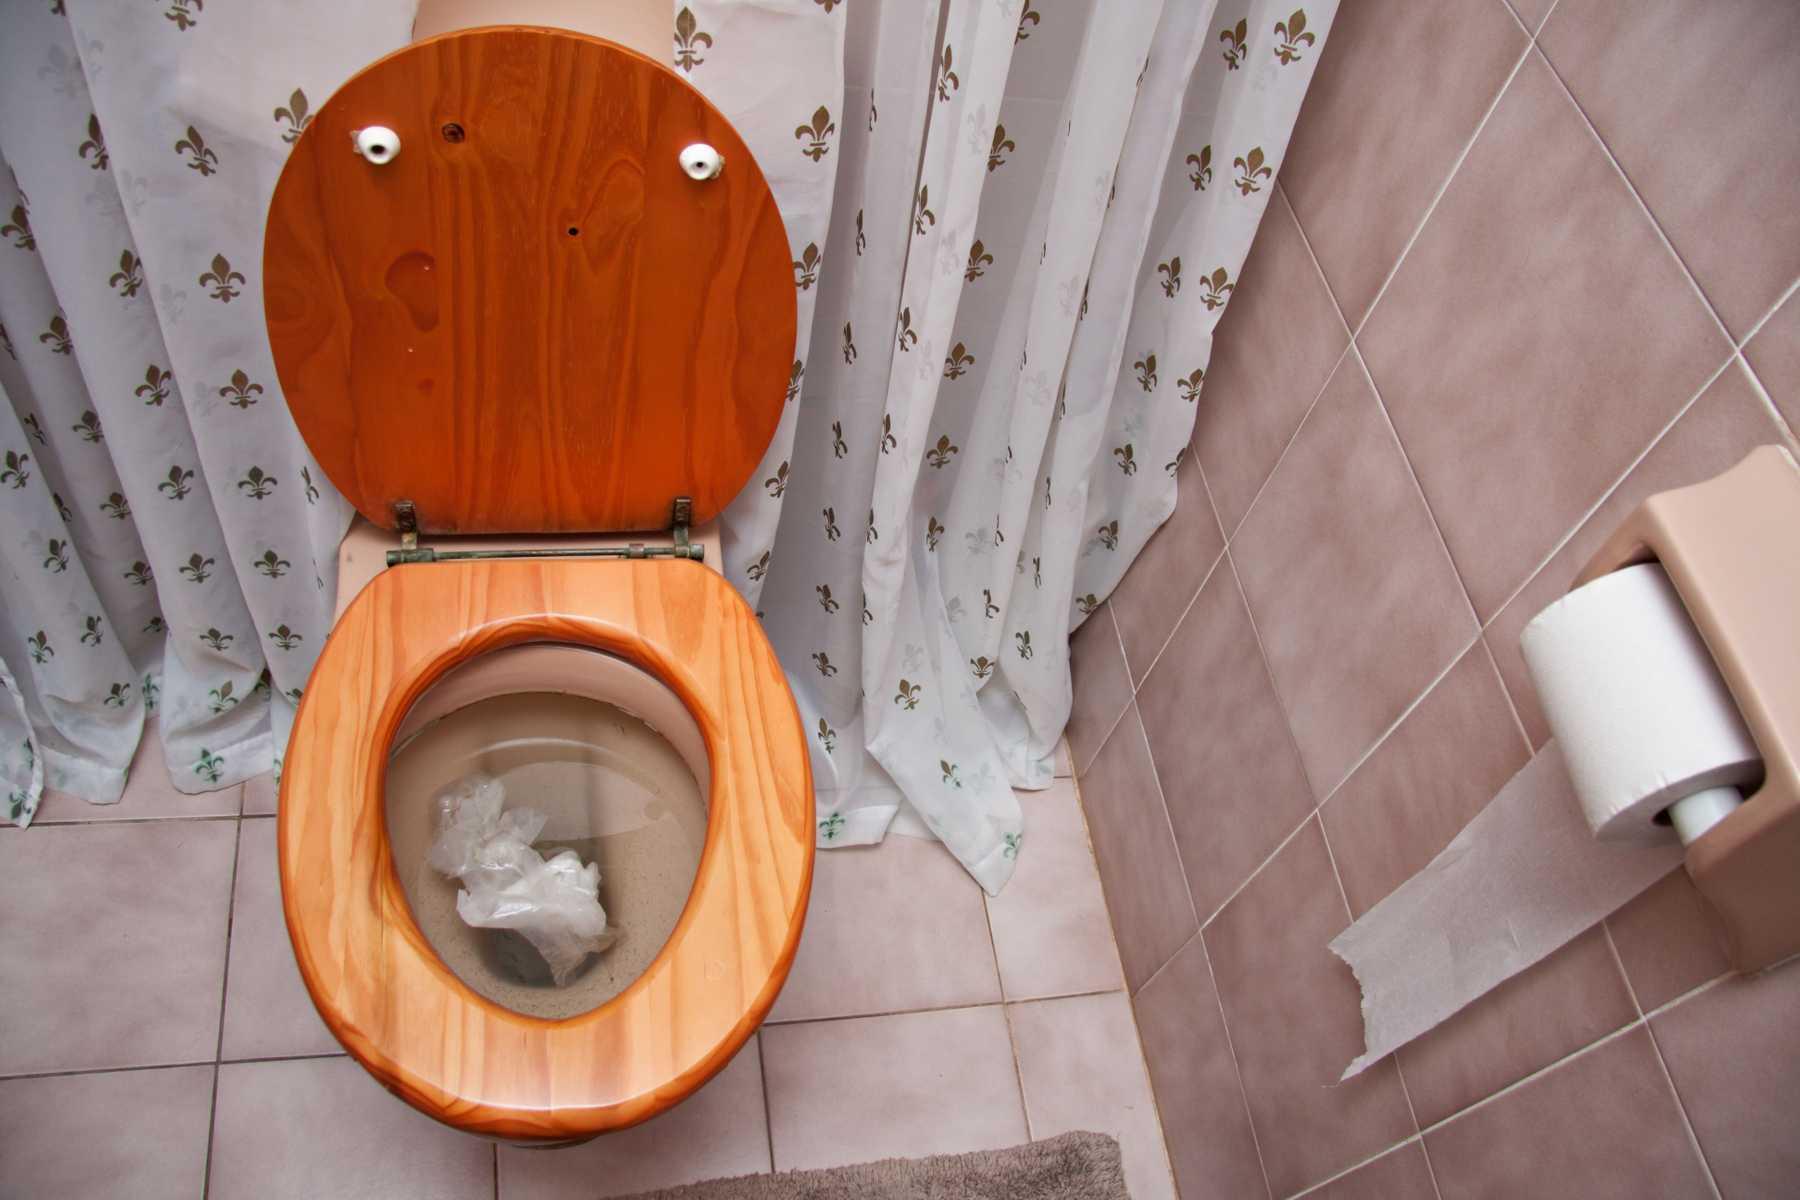 Bồn cầu giật nước không trôi gây mất vệ sinh